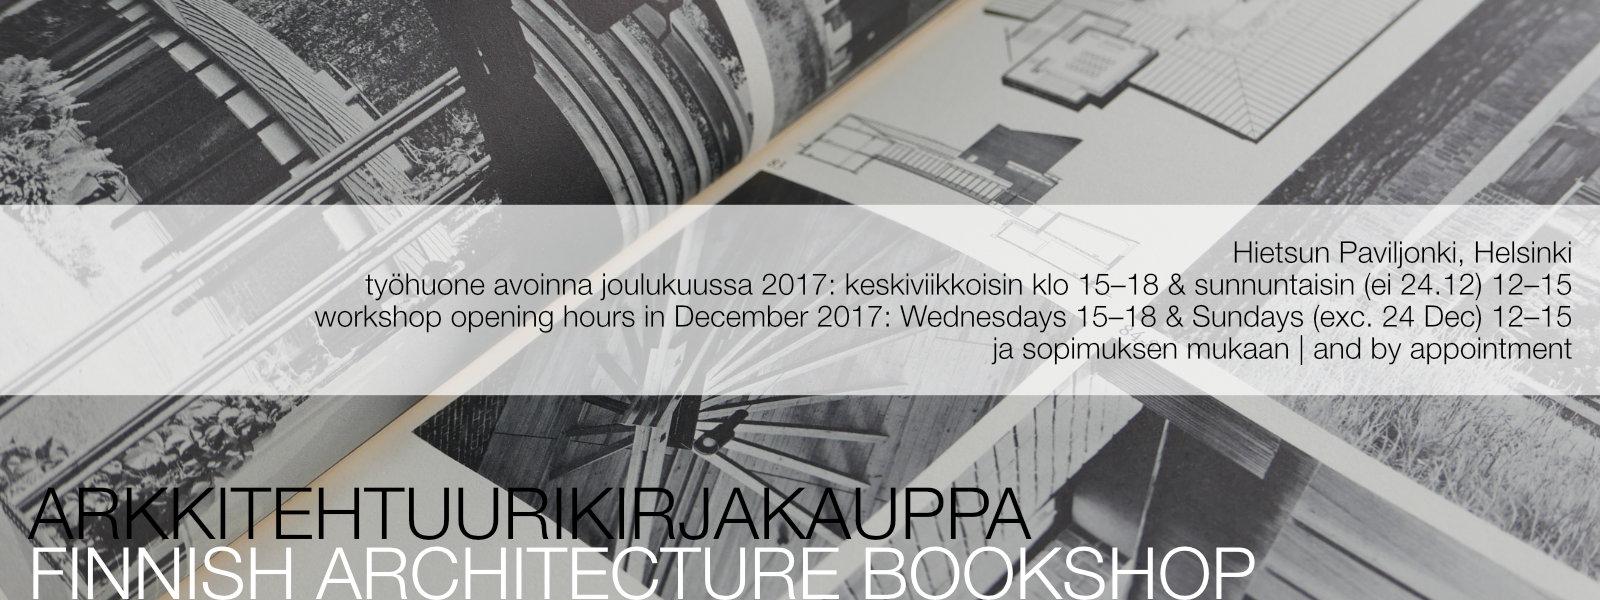 arkkitehtuuri kirjakauppa architecture bookshop aukioloajat opening hours helsinki